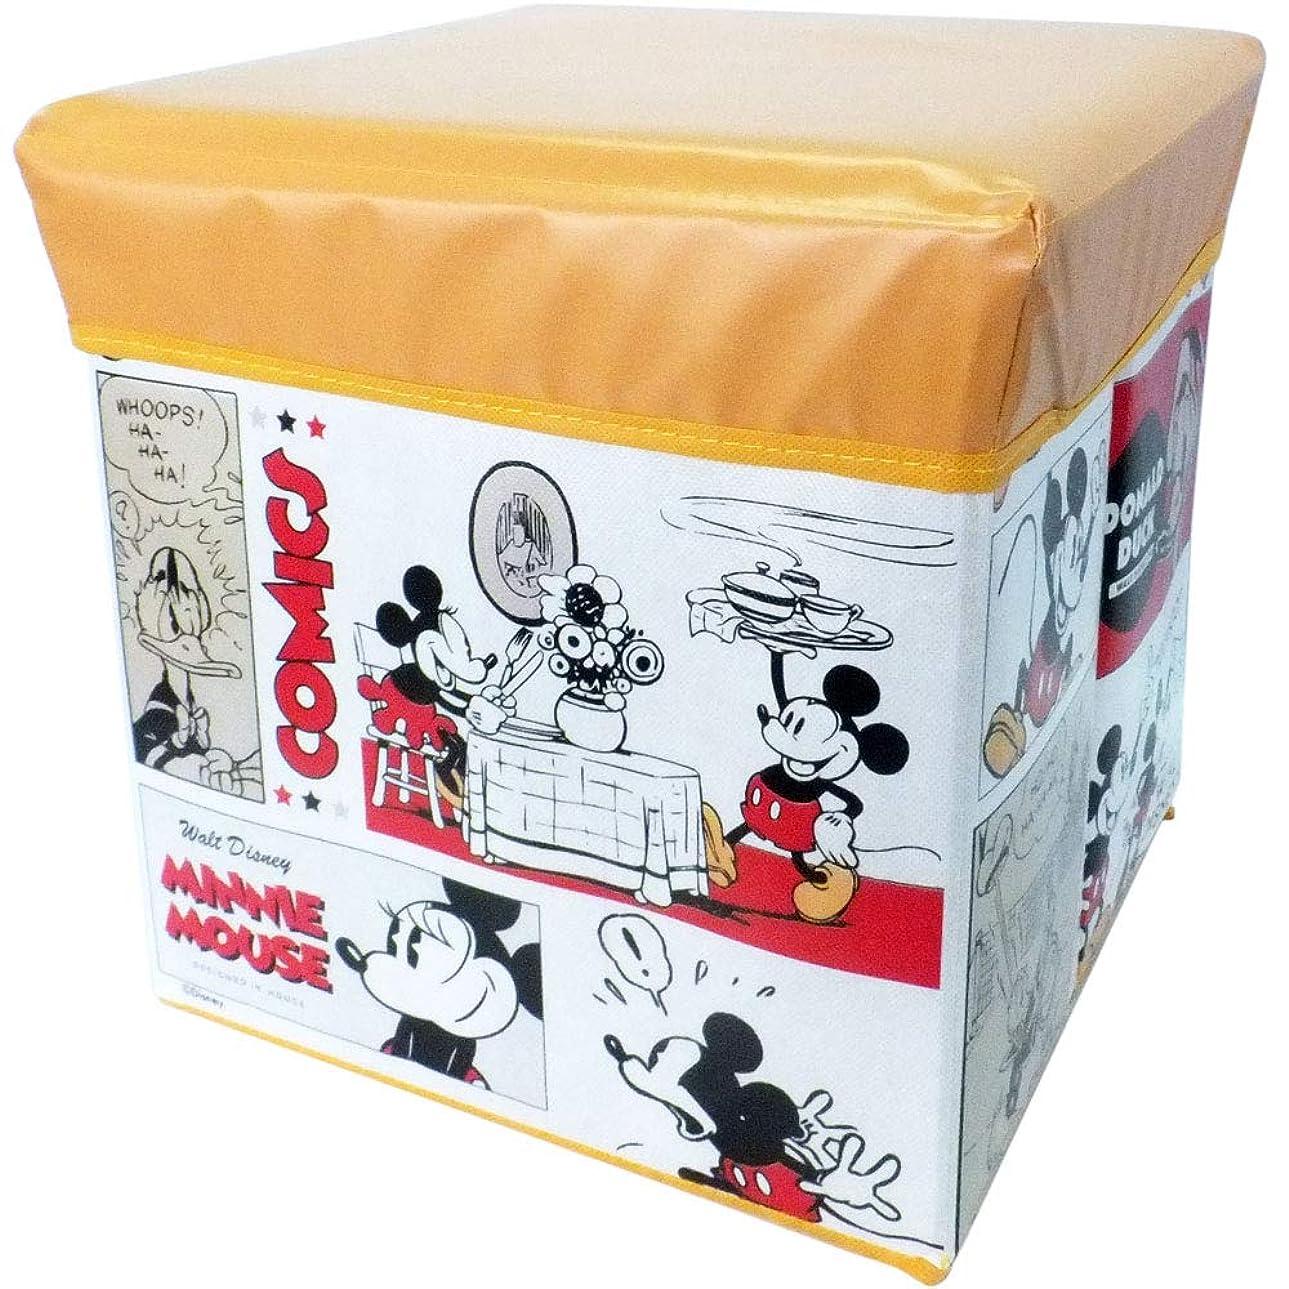 盆リズミカルな吸収するミッキー&フレンズ ys26783 座れる収納ボックス 小 ys26783 キャラクター Disney ディズニー 椅子 収納 ケース BOX ボックス インテリア 整理 整頓